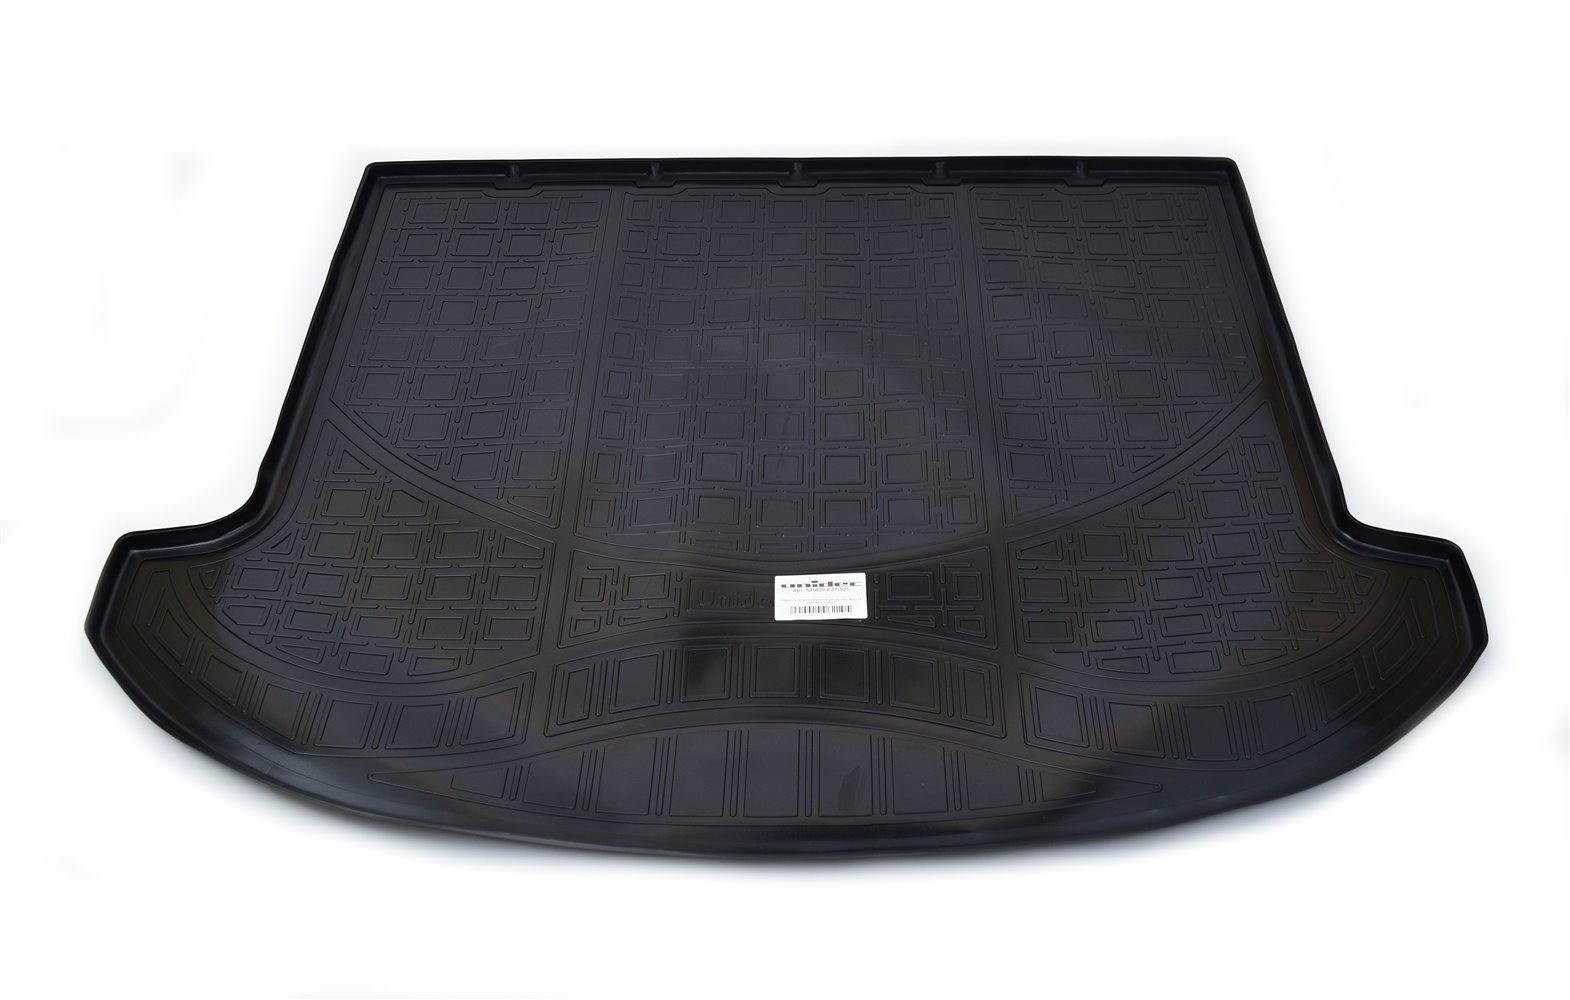 Коврик багажника для vaz lada x-ray (2015-) (на верхнюю полку) (полимер) npa00-e94-752 цена и фото